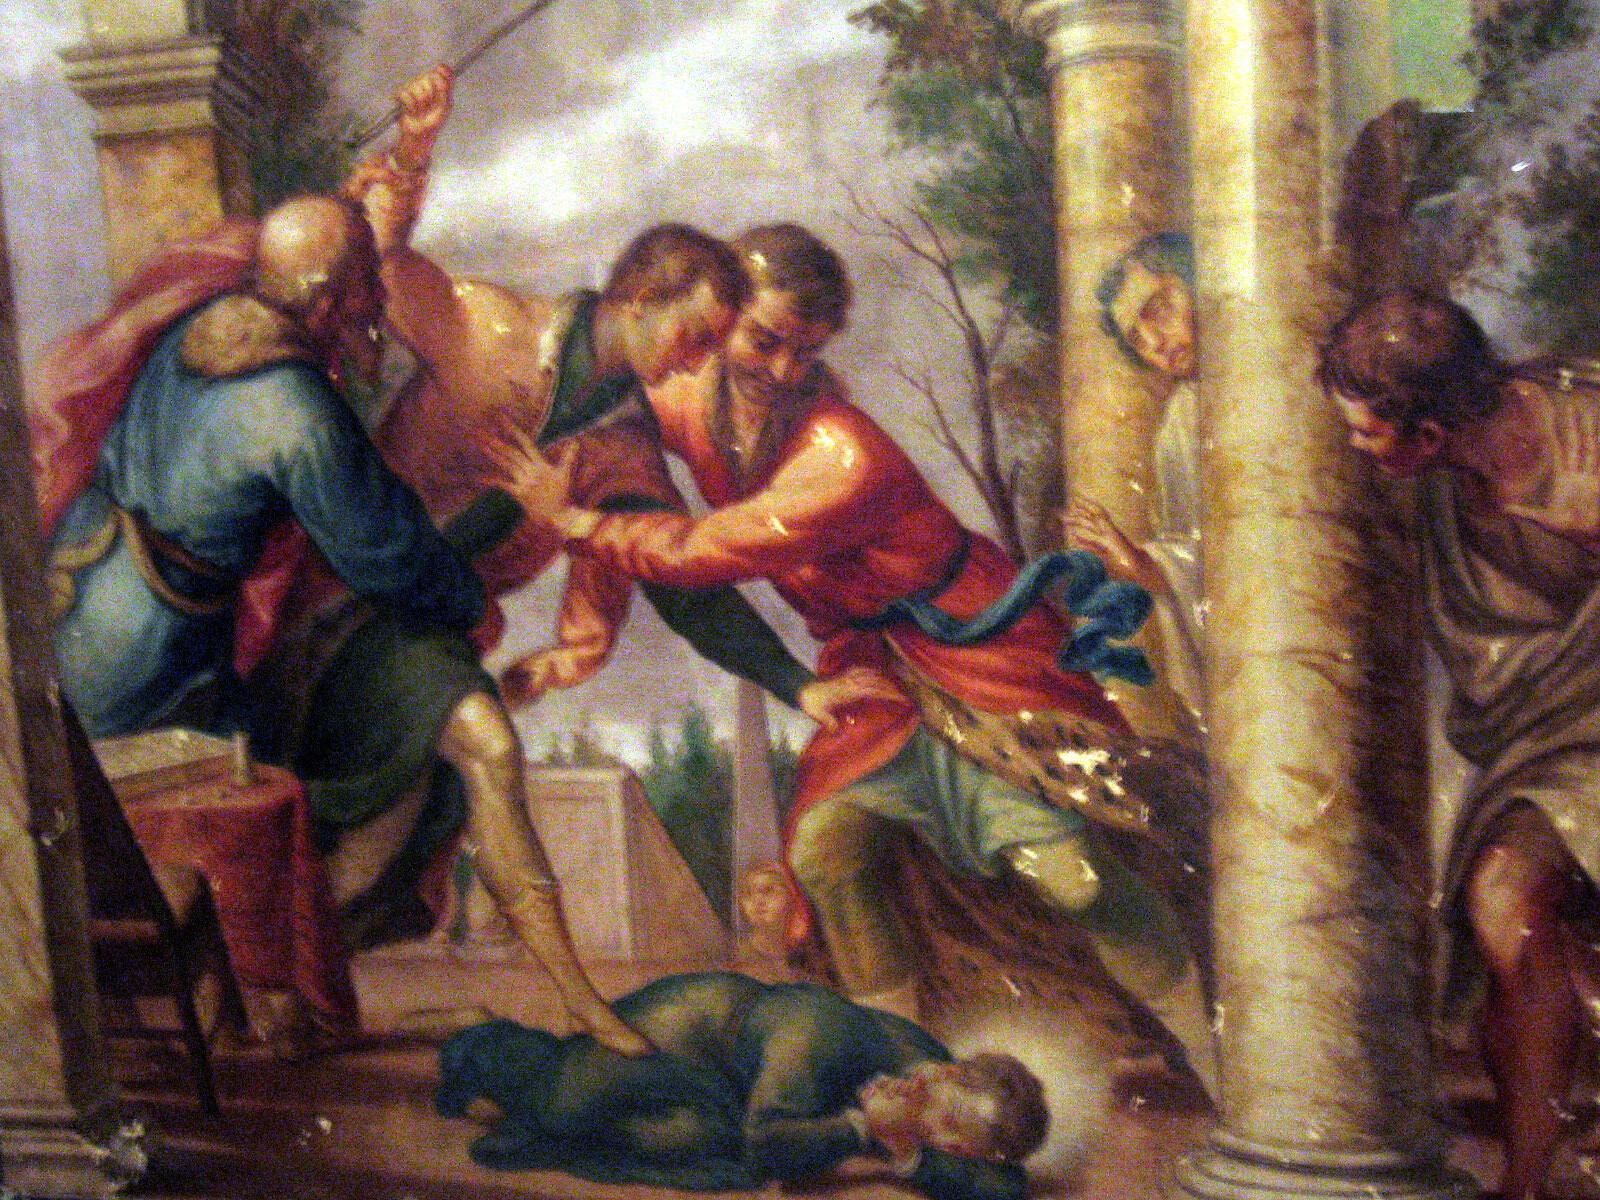 Św. Stanisław Kostka bity przez brata - Anthony M. from Rome, Italy, CC BY 2.0 www.creativecommons.org